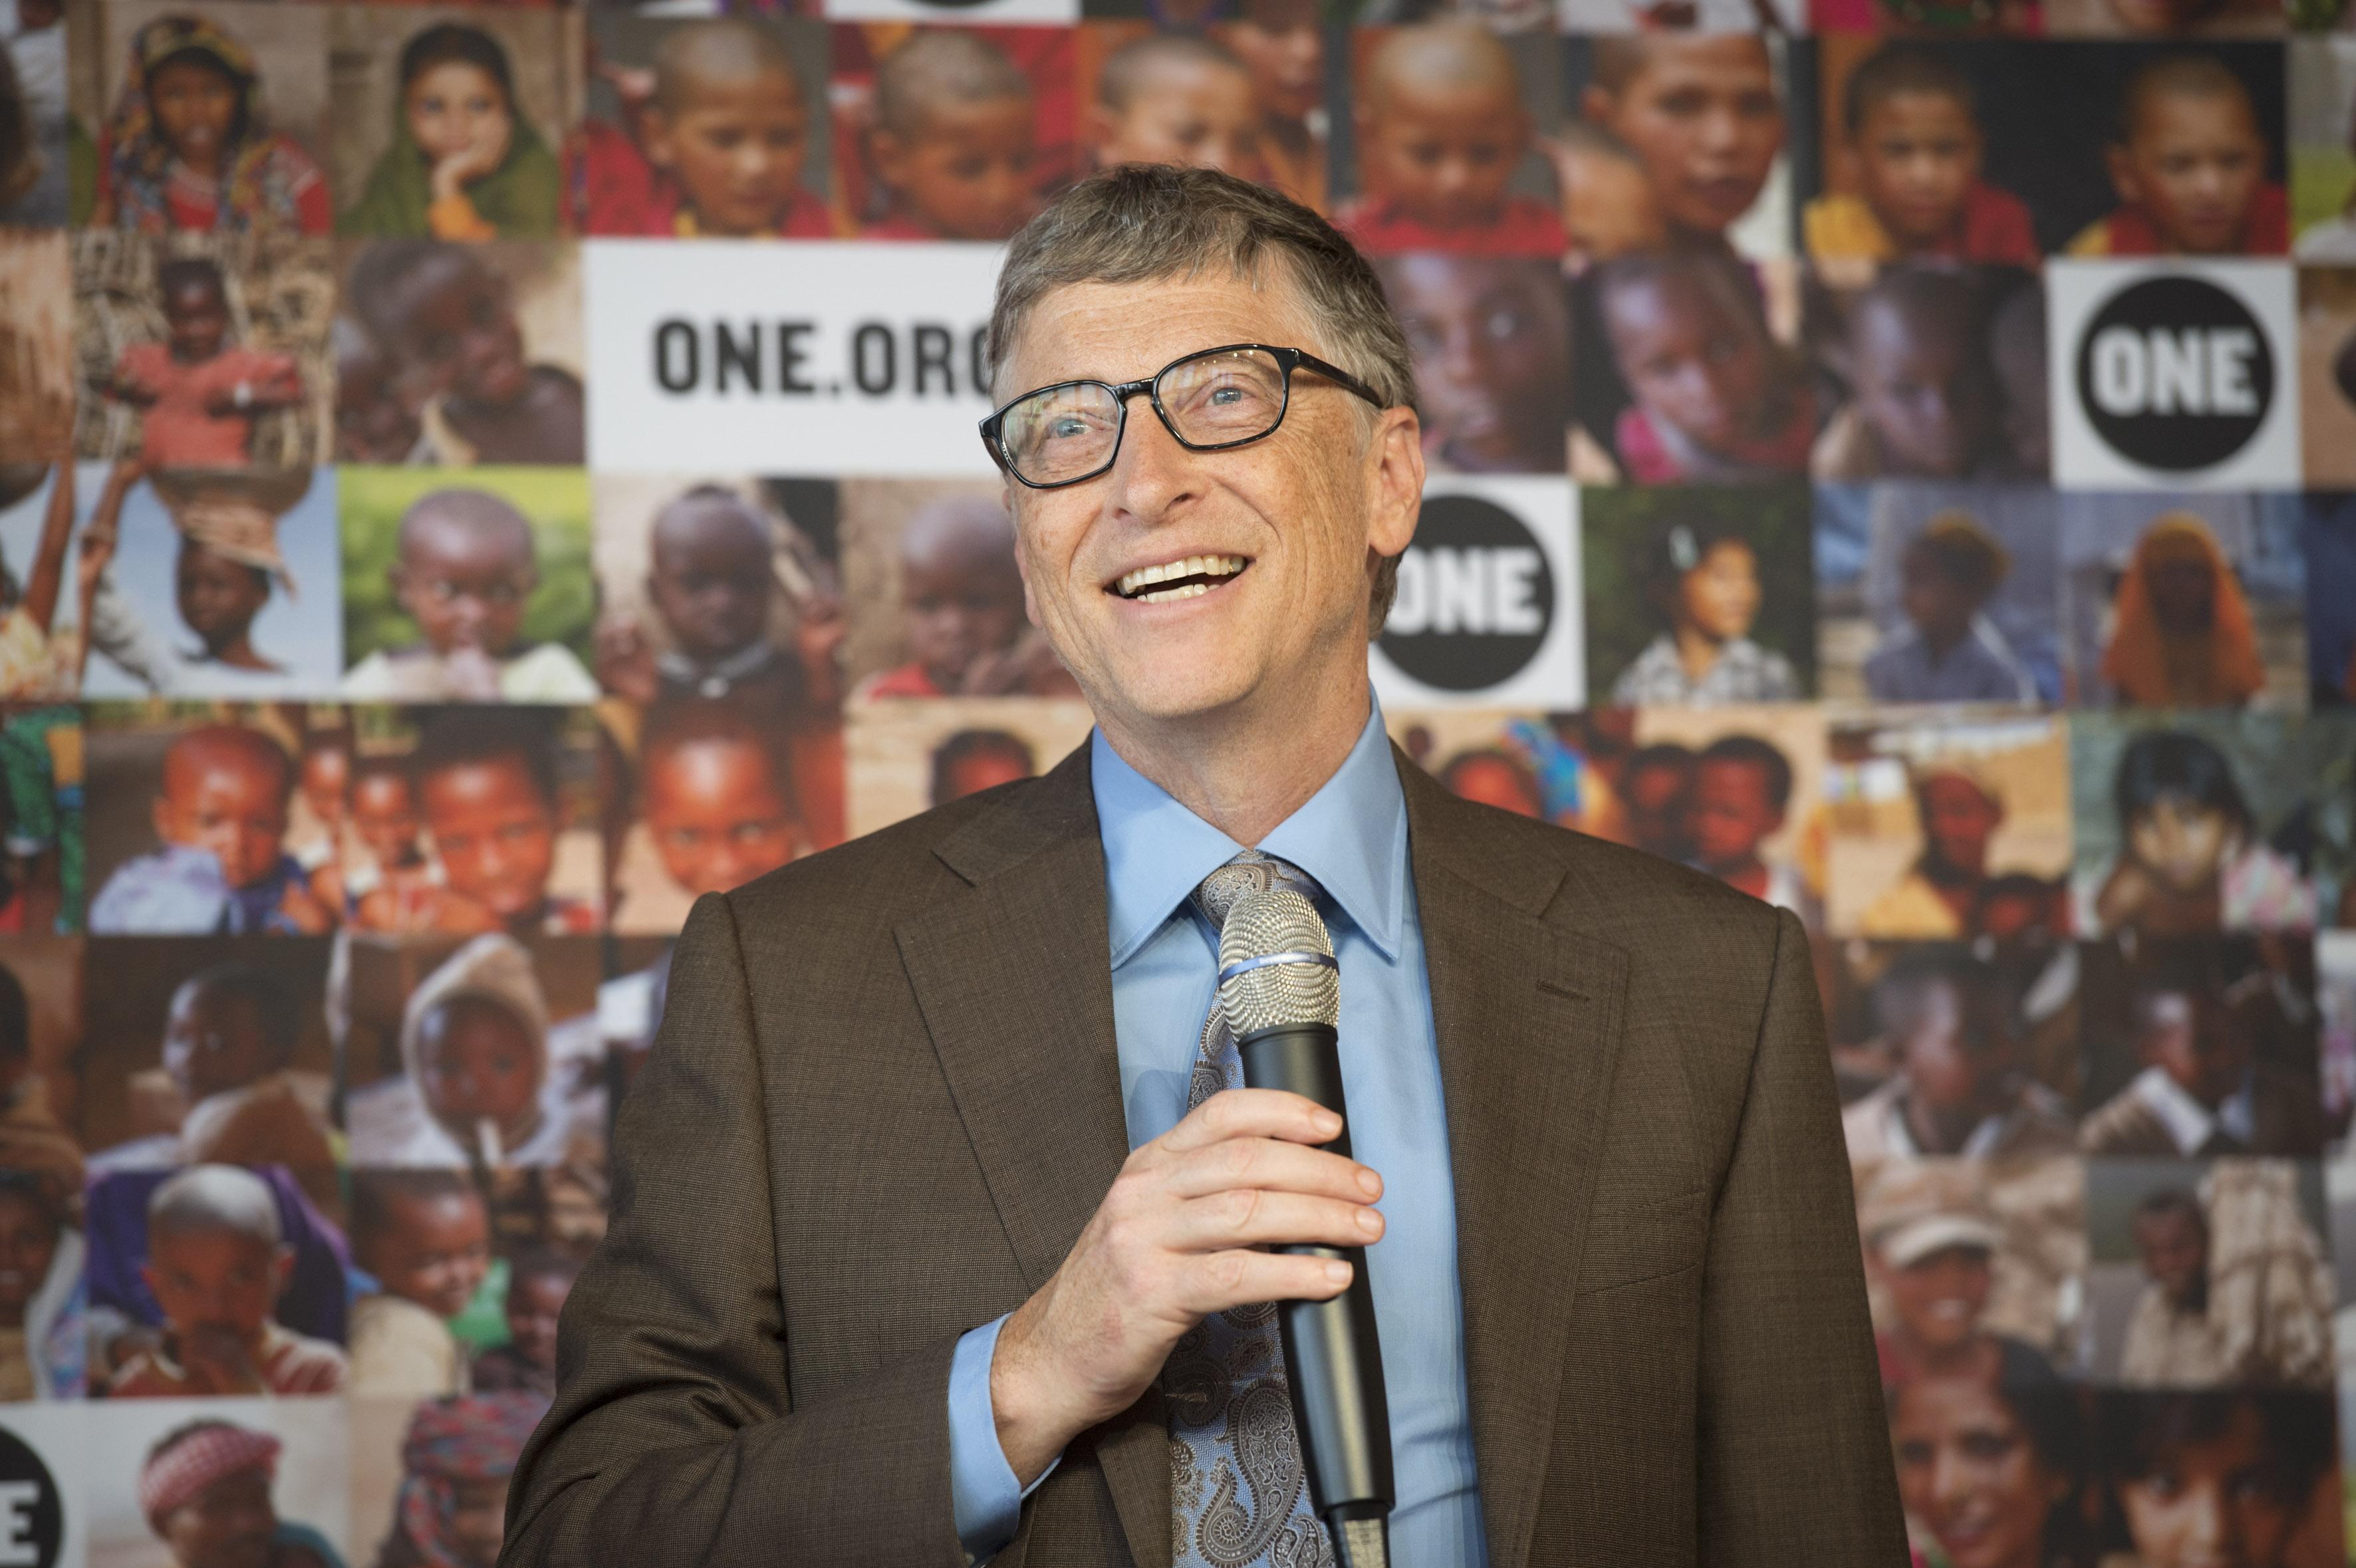 Gates-Stiftung startet Programm zur Krankheitsprävention. Die Top-Themen des Tages.